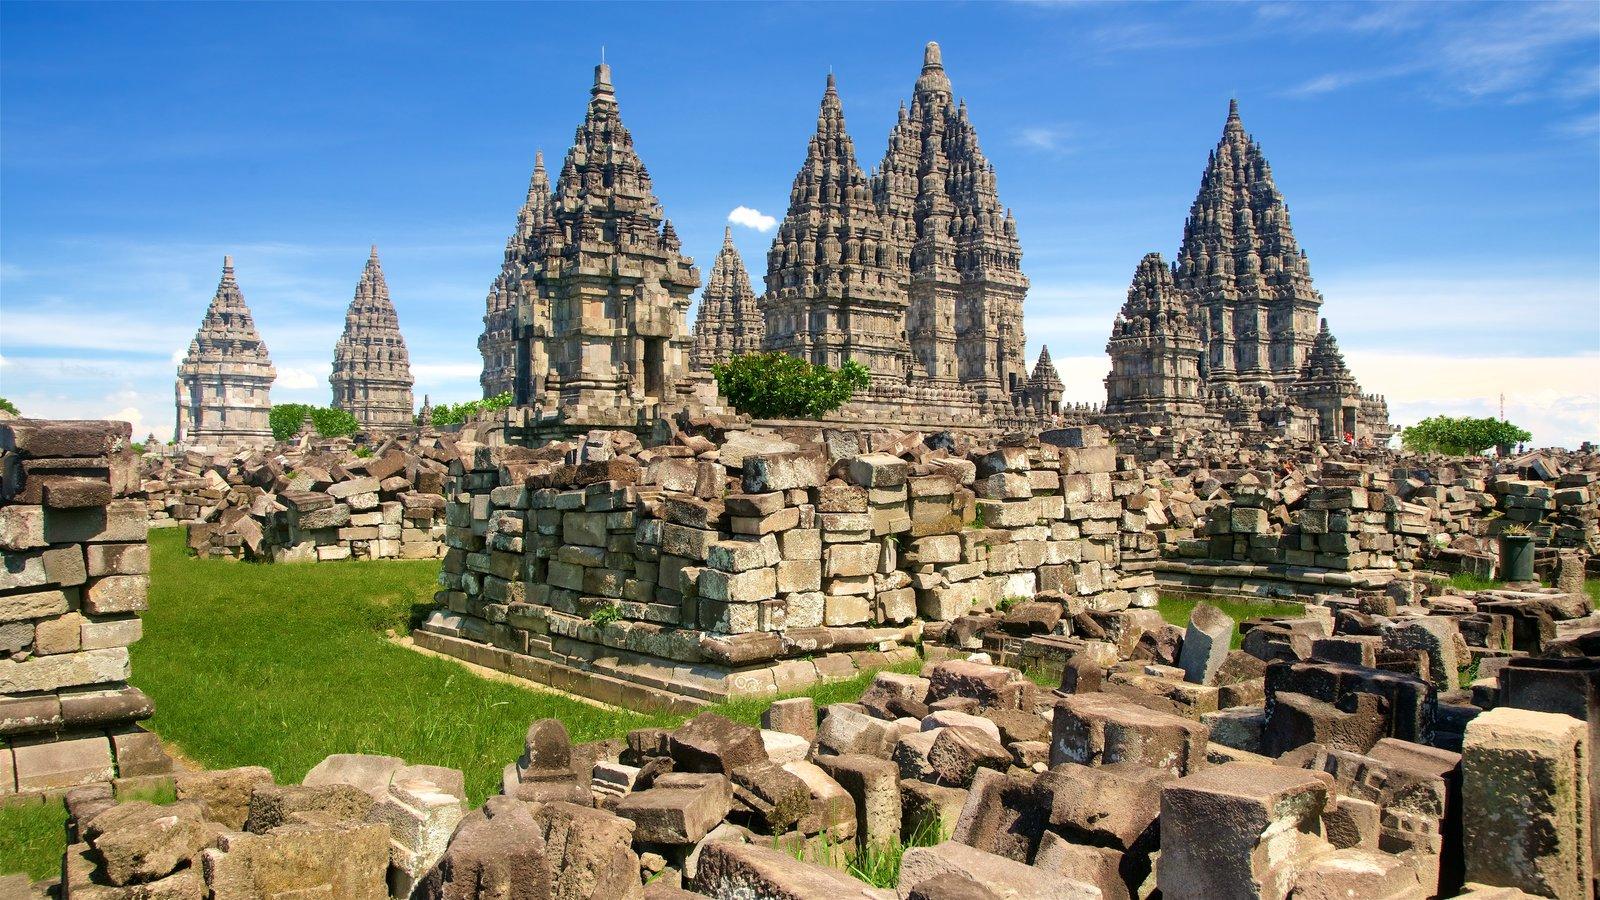 Compuestos del Templo de Prambanan, Yogyakarta